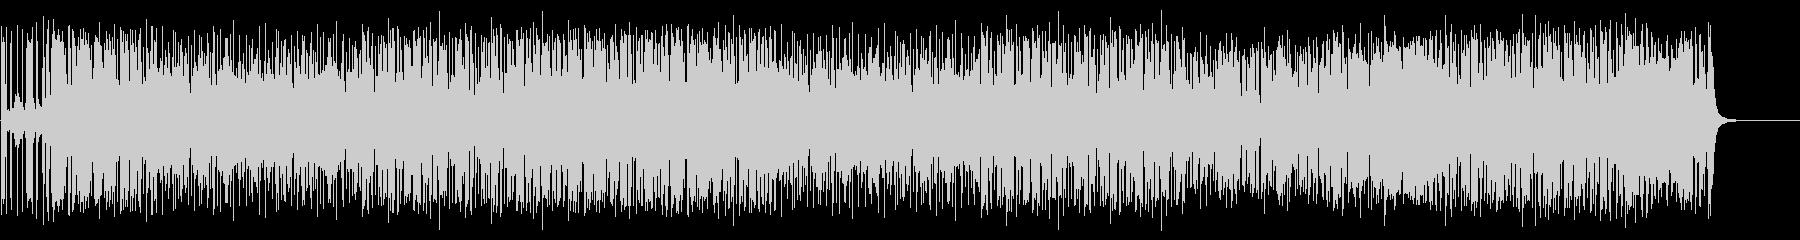 ショートBGM:ファンク(フル版)の未再生の波形